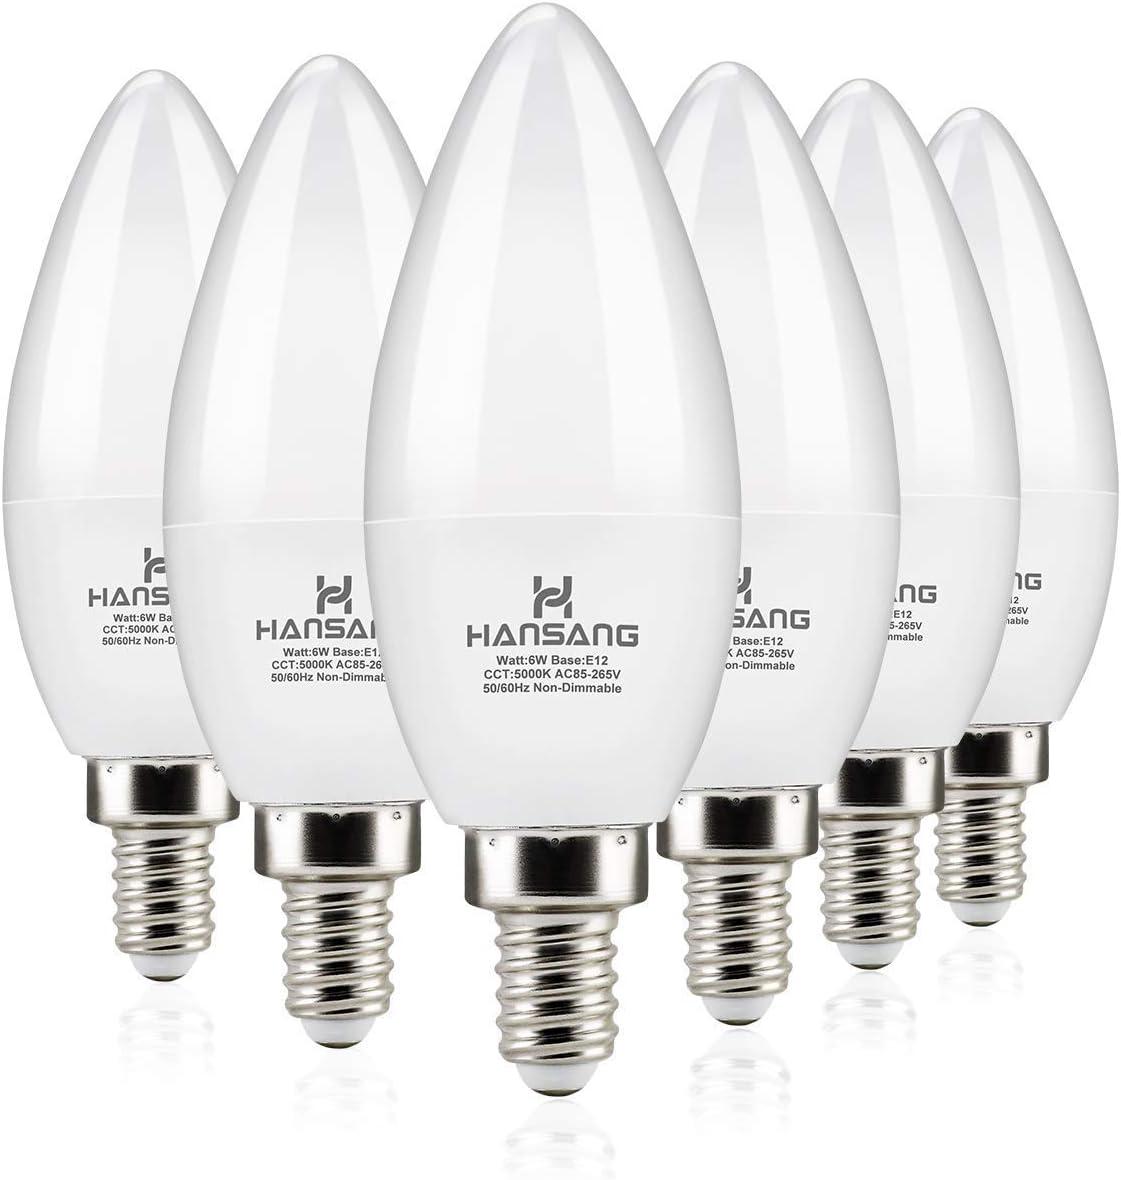 60Watt Equivalent 530 Lumens Daylight White 5000K Chandelier Bulbs Pack of 5 E12 LED Bulb Candelabra Light Bulbs 6W Non-dimmable Candelabra Base